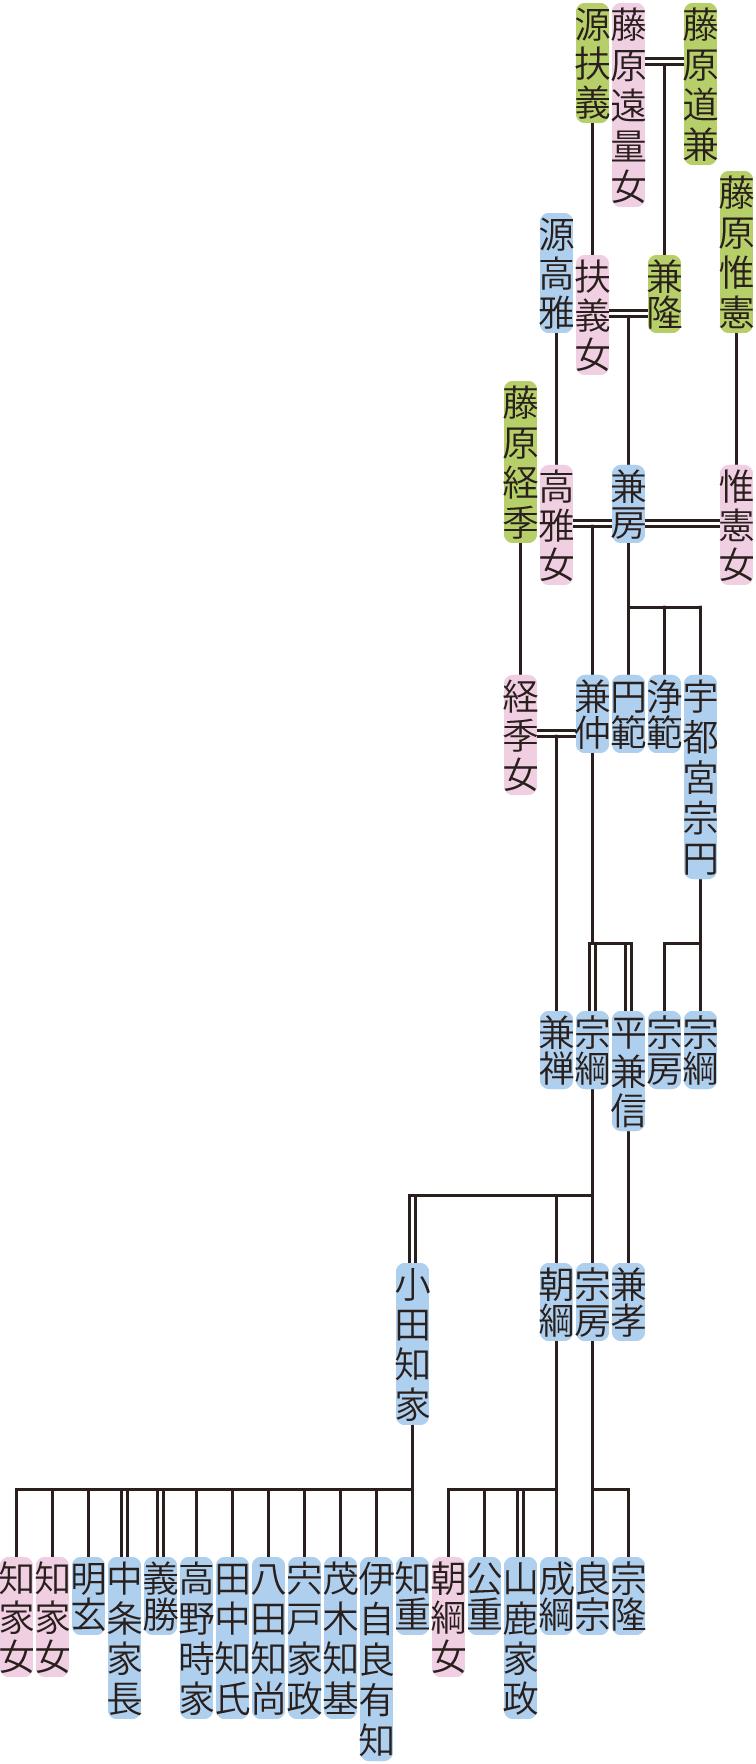 藤原兼房~宗綱の系図